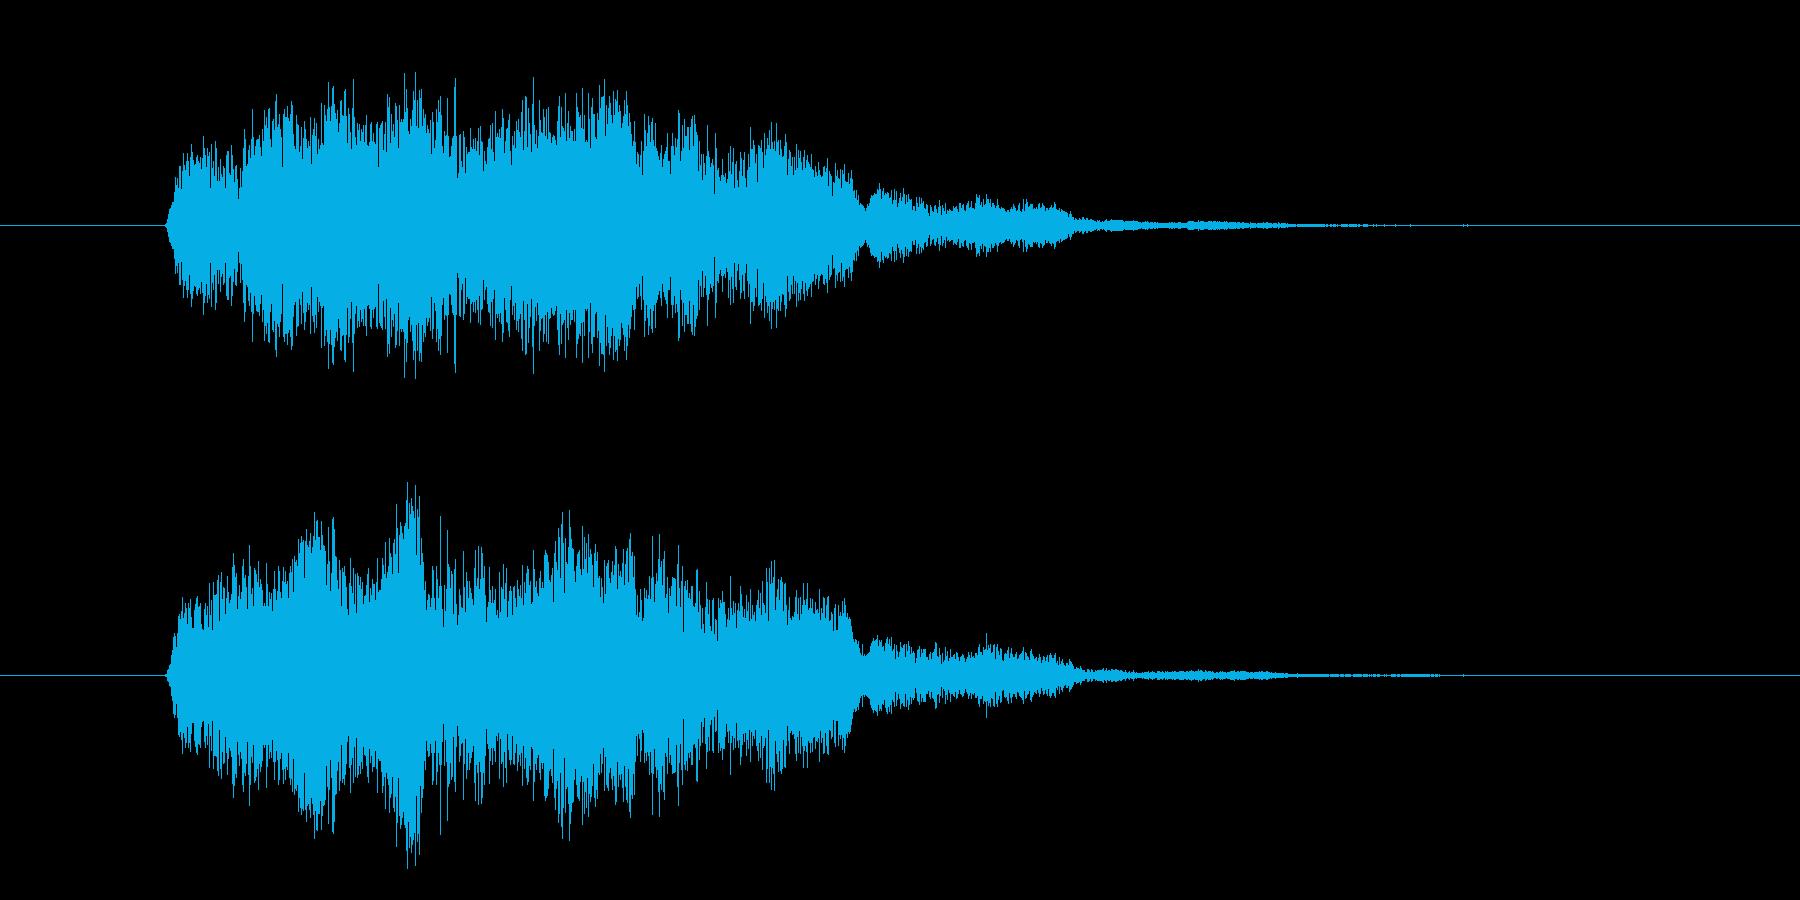 明るいカウント音の再生済みの波形